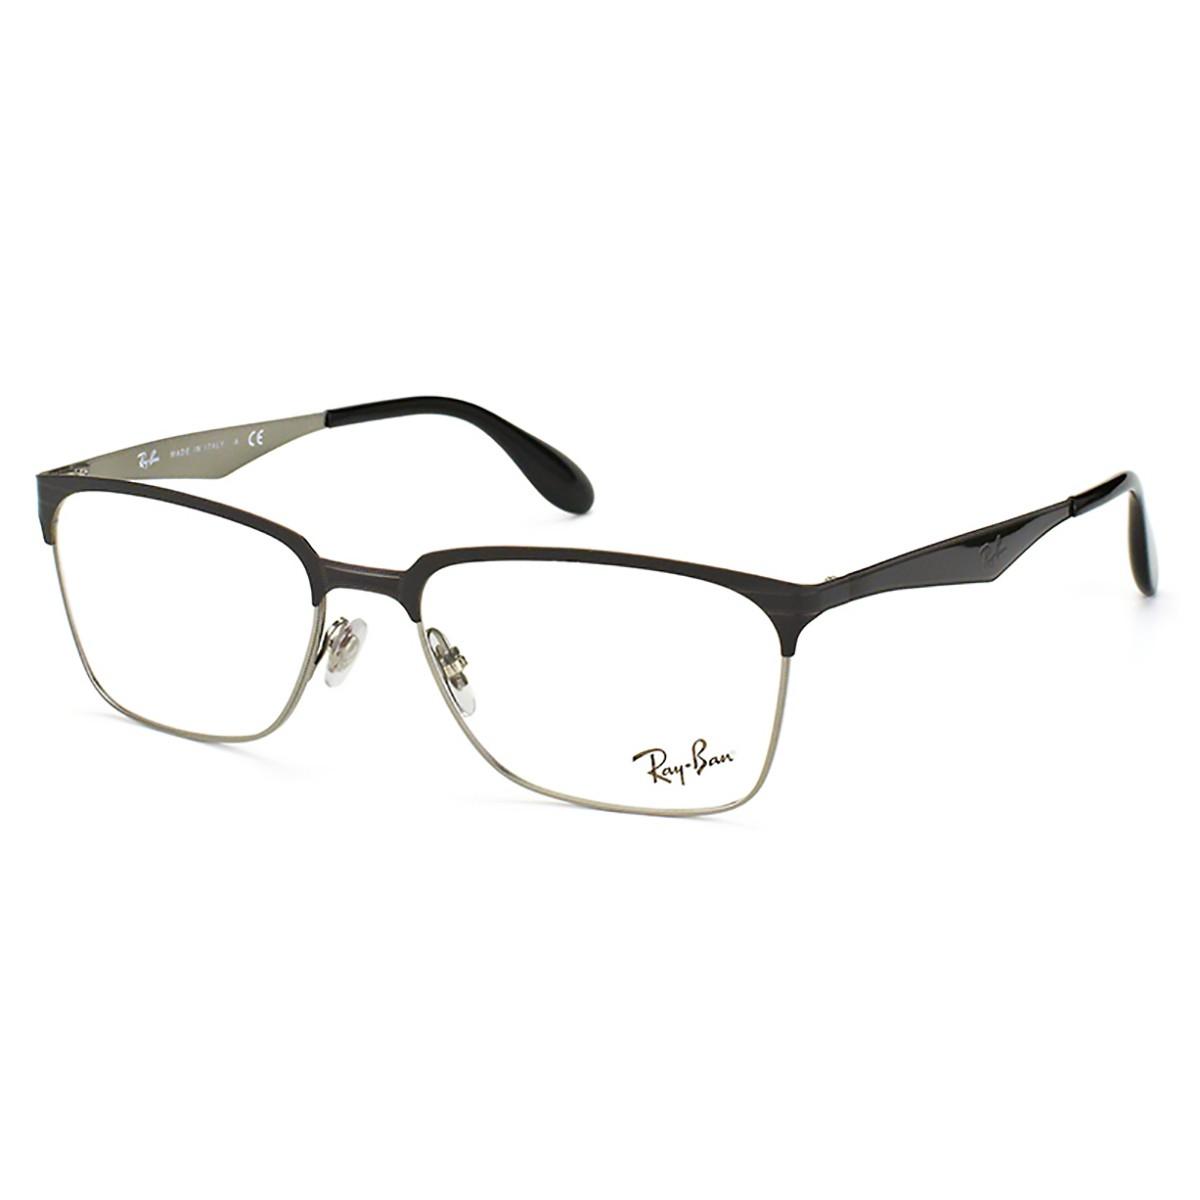 58f11885c85fa Compre Óculos de Grau Ray Ban em 10X   Tri-Jóia Shop